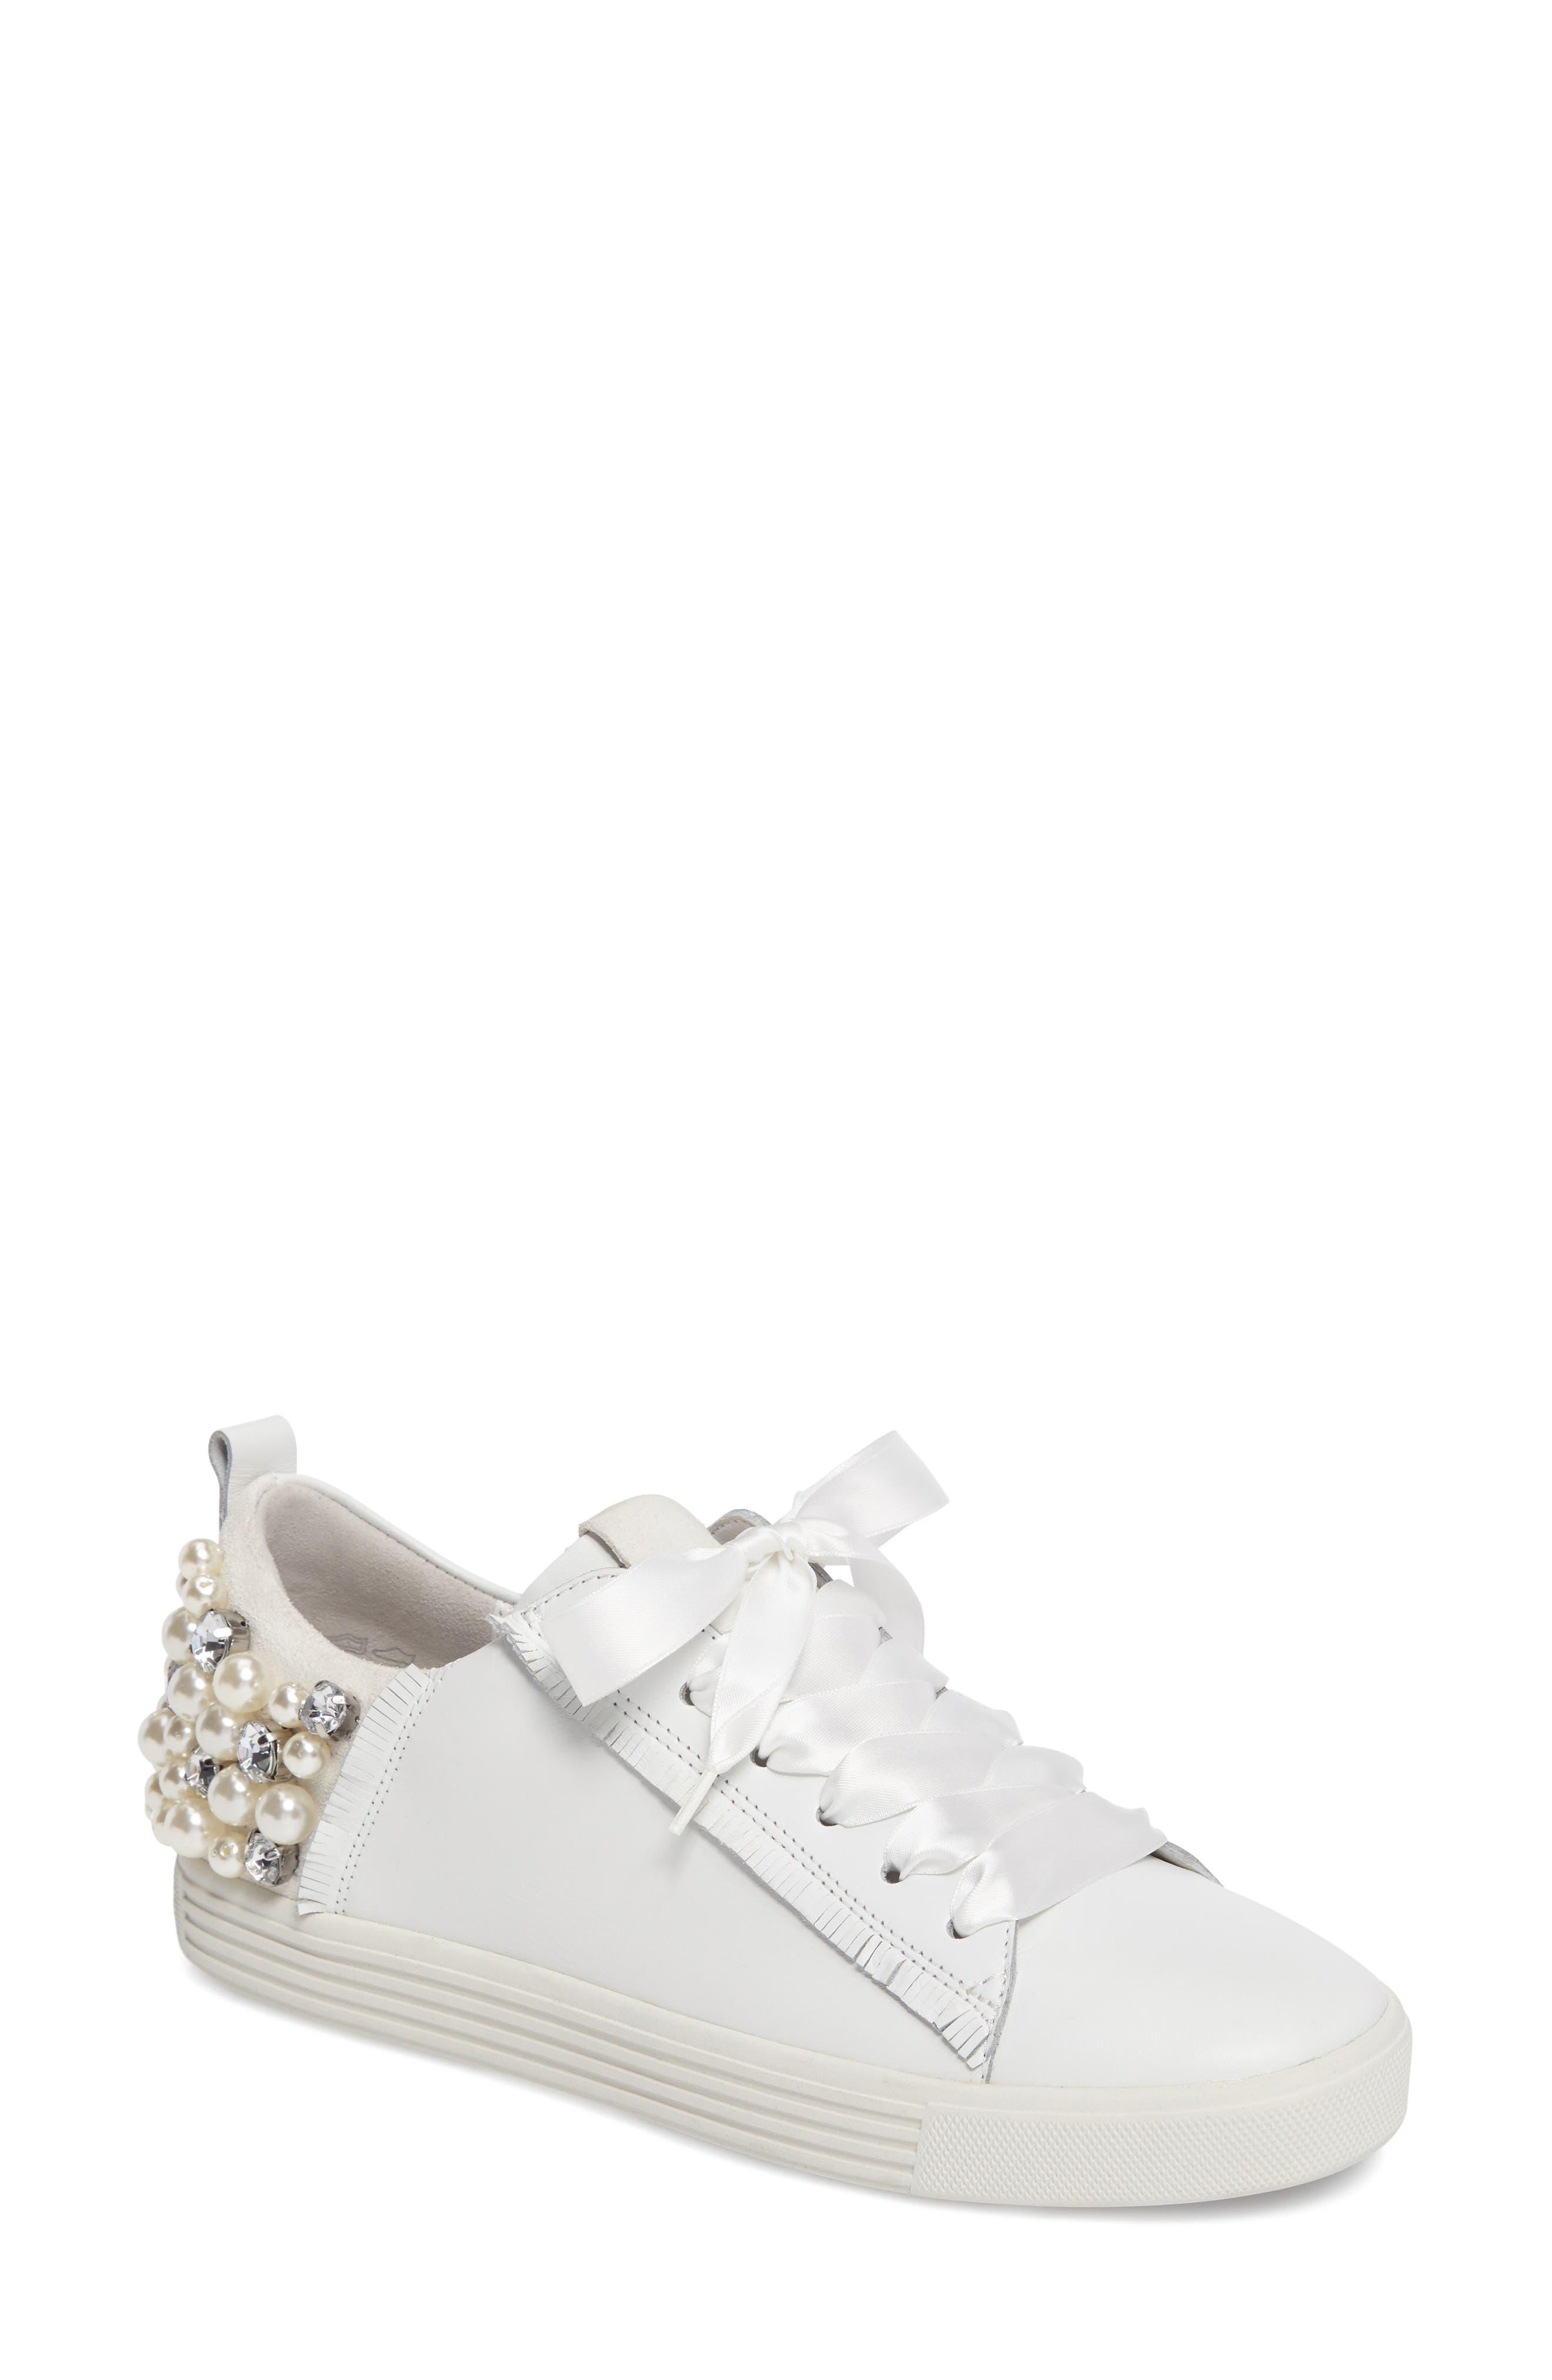 Main Image - Kennel & Schmenger Town Flower Sneaker (Women)